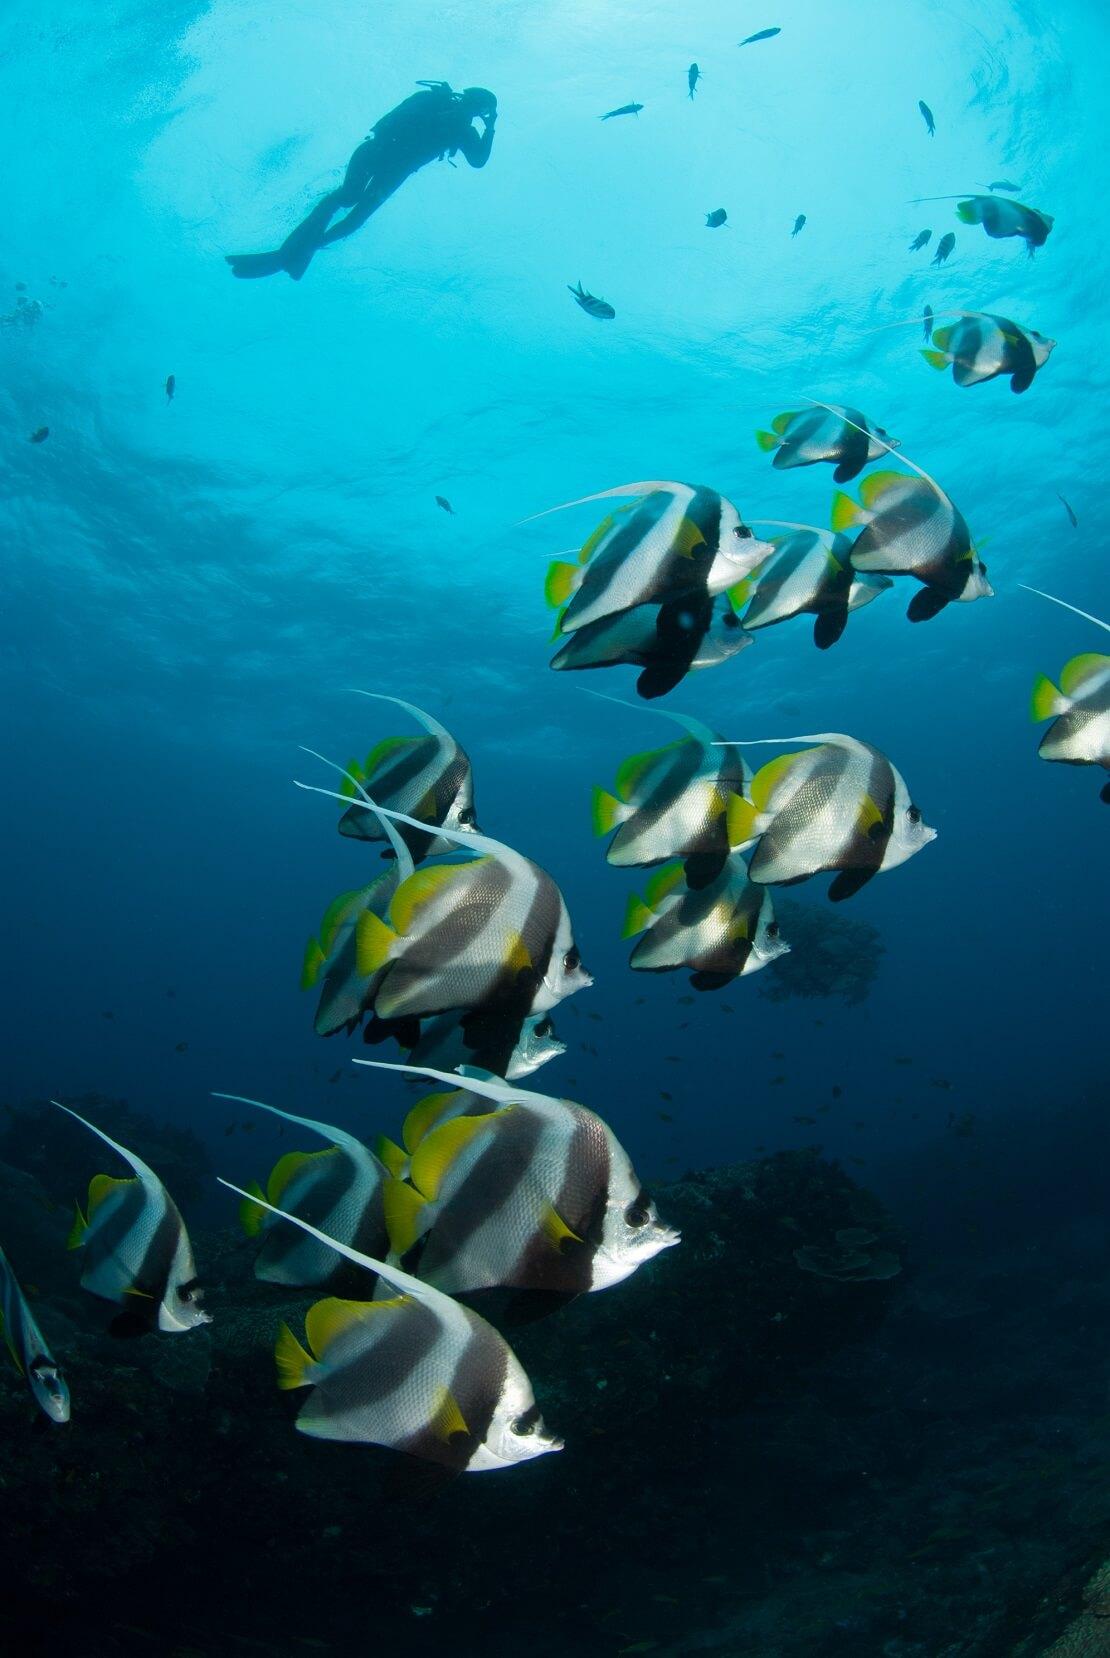 ein Taucher schwimmt unter der Wasseroberfläche unter ihm schwimmt ein Schwarm Fische